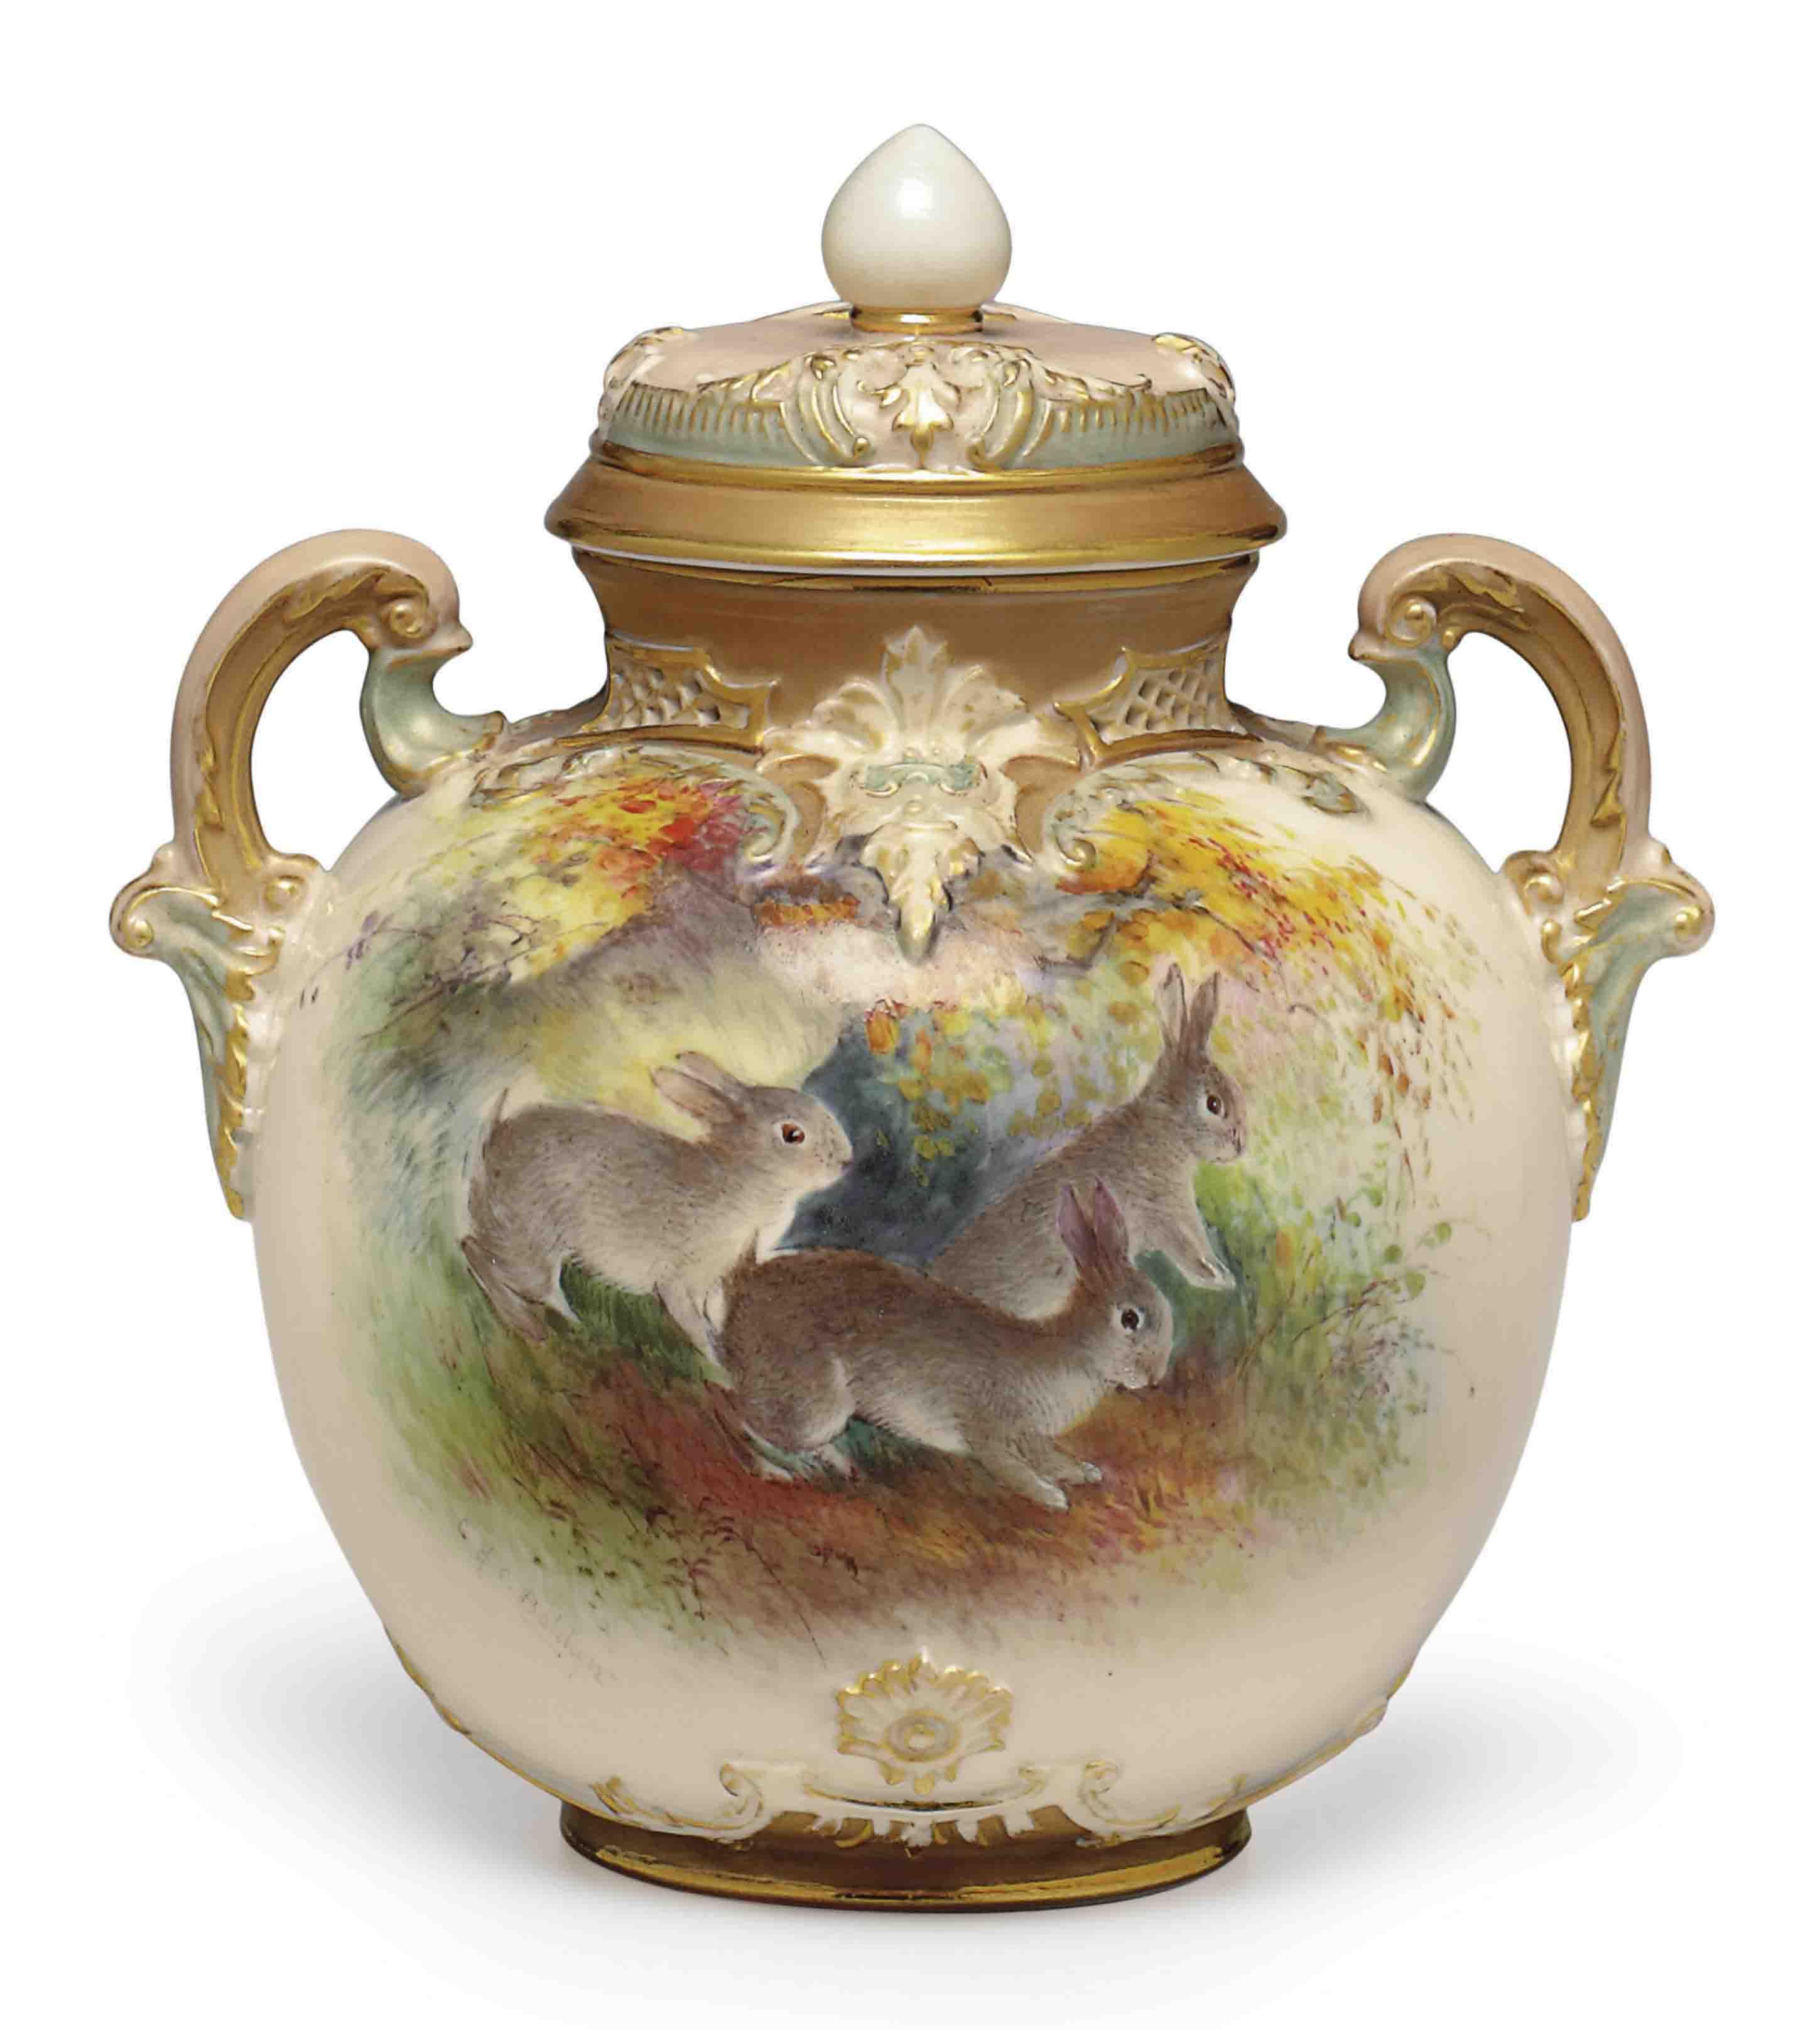 Dating royal worcester porcelain